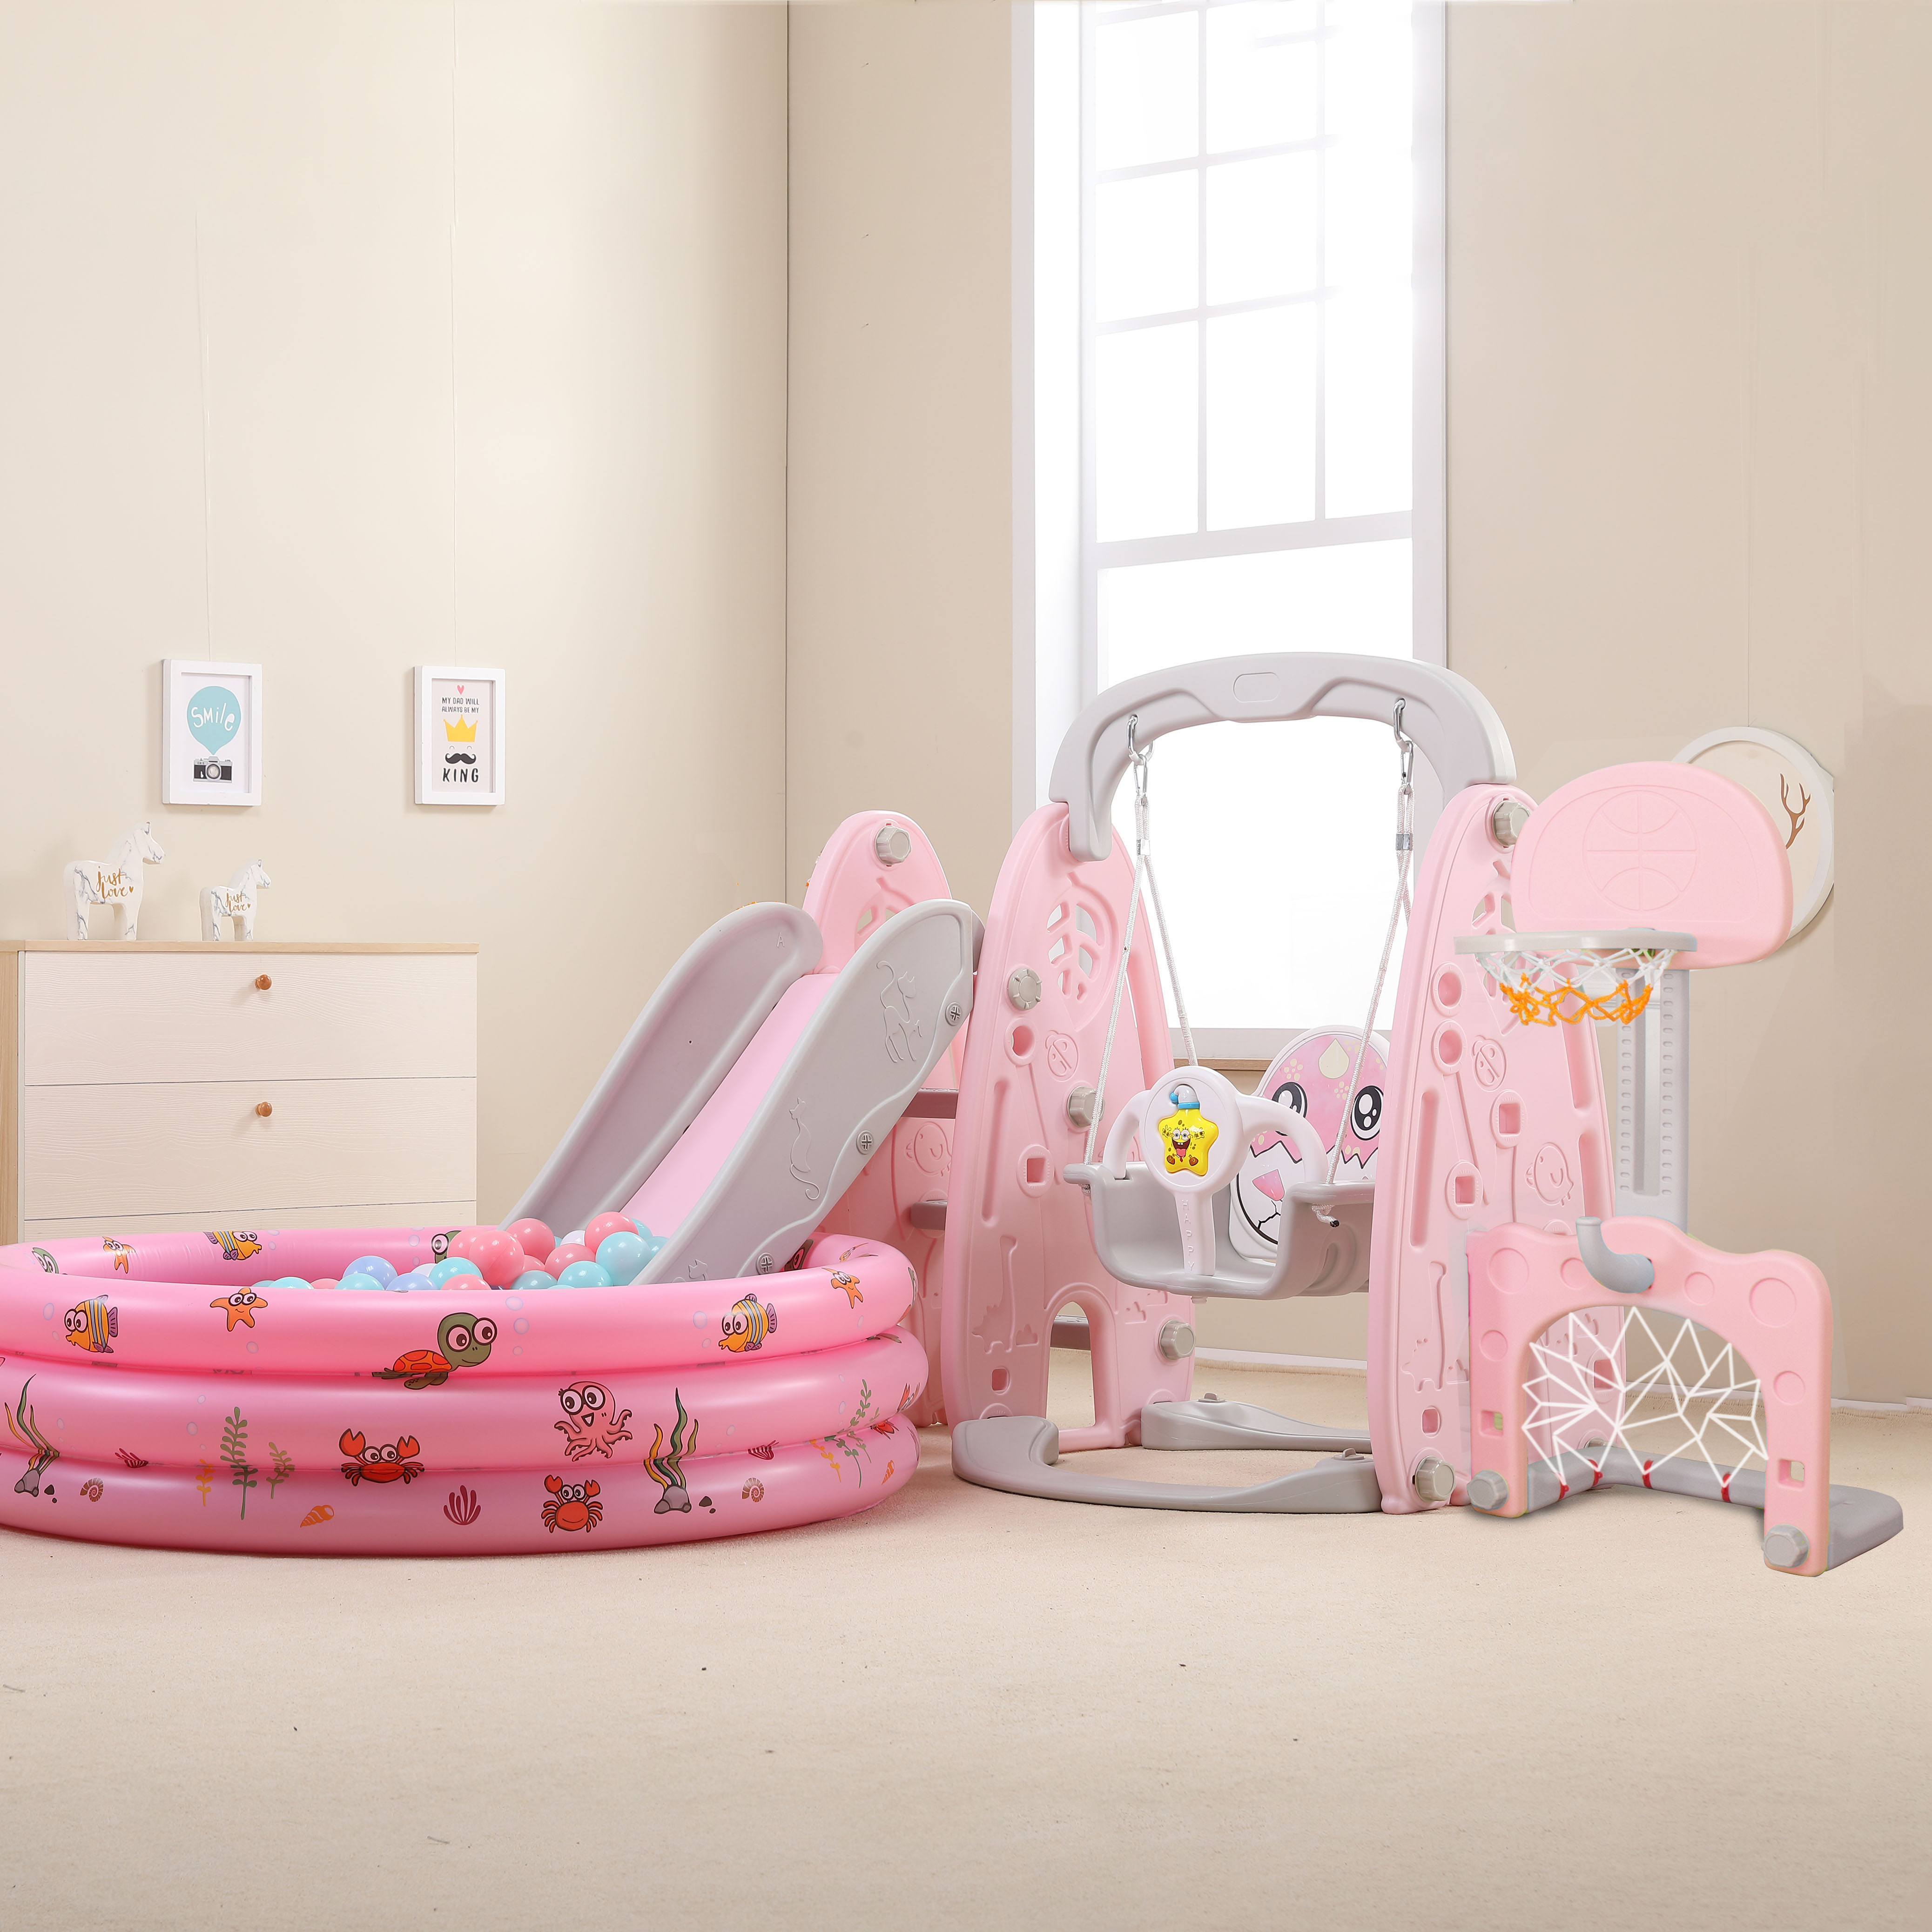 Игрушки на колесиках / Детские автомобили / Развивающие игрушки Артикул 596832487855